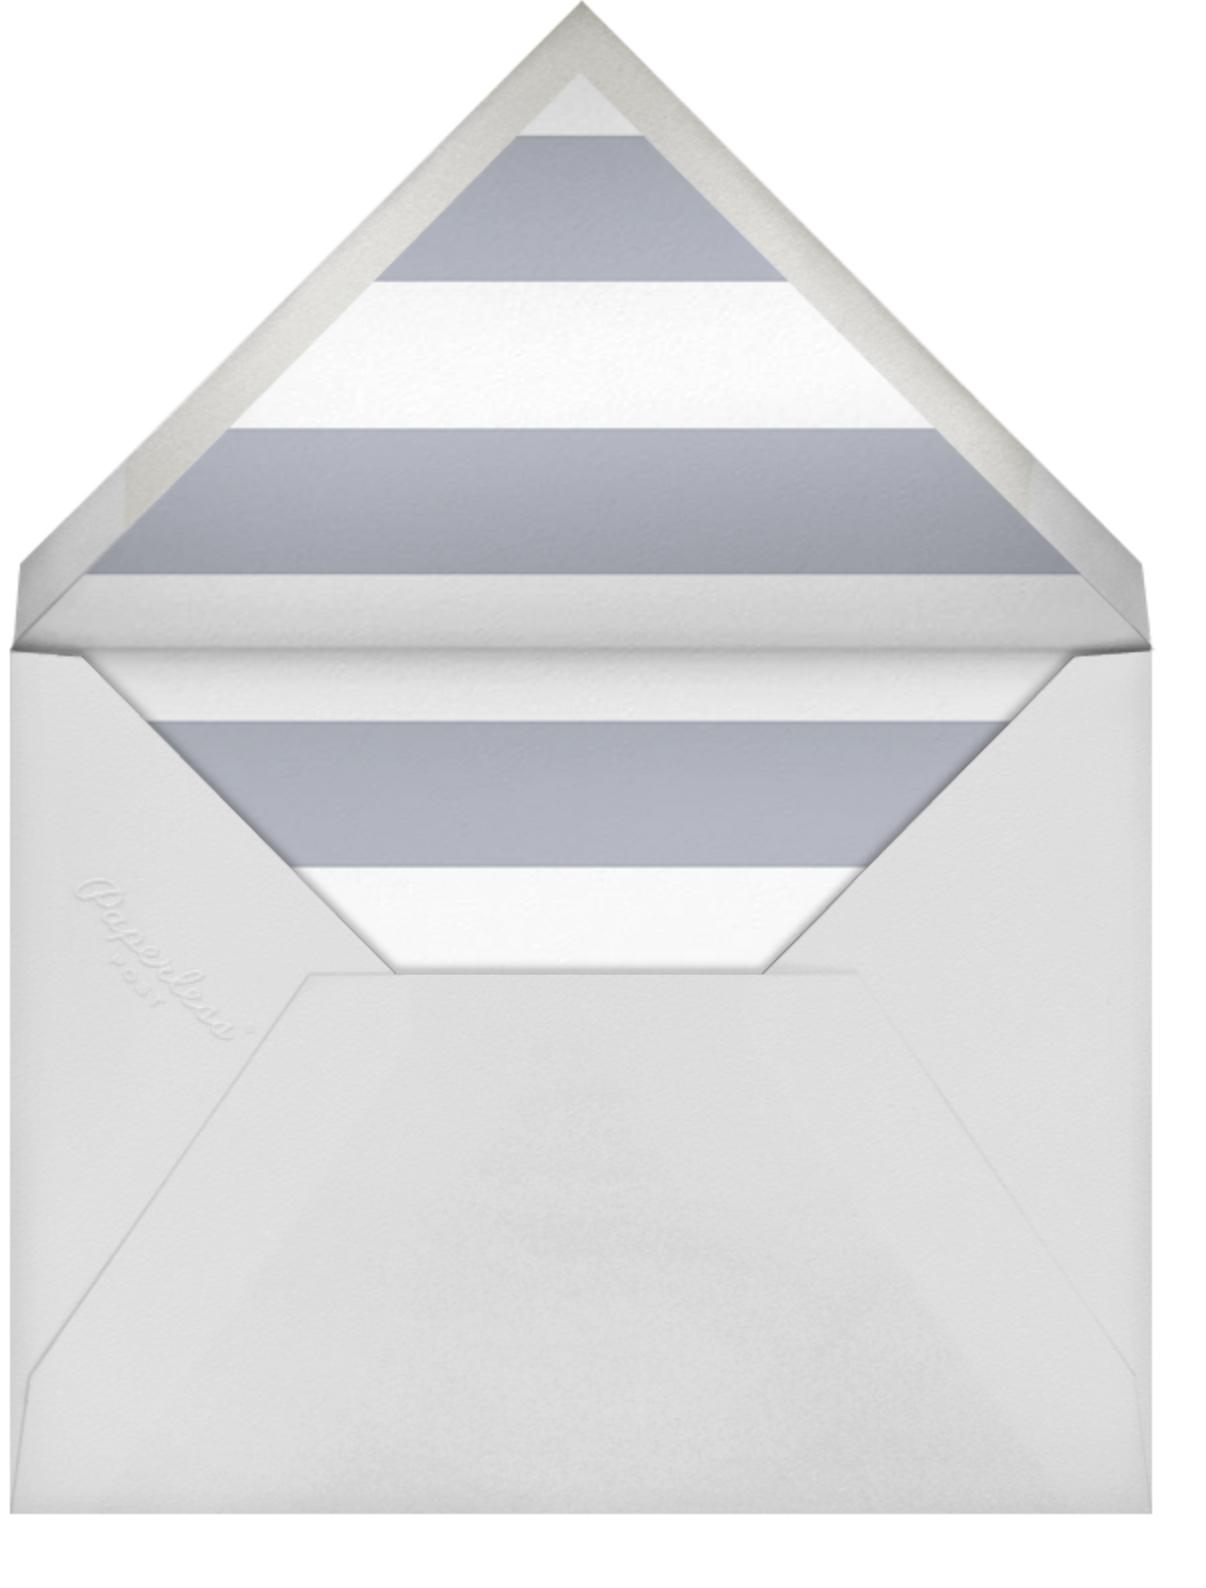 Big Dot Bridal - Gold - Sugar Paper - Bridal shower - envelope back